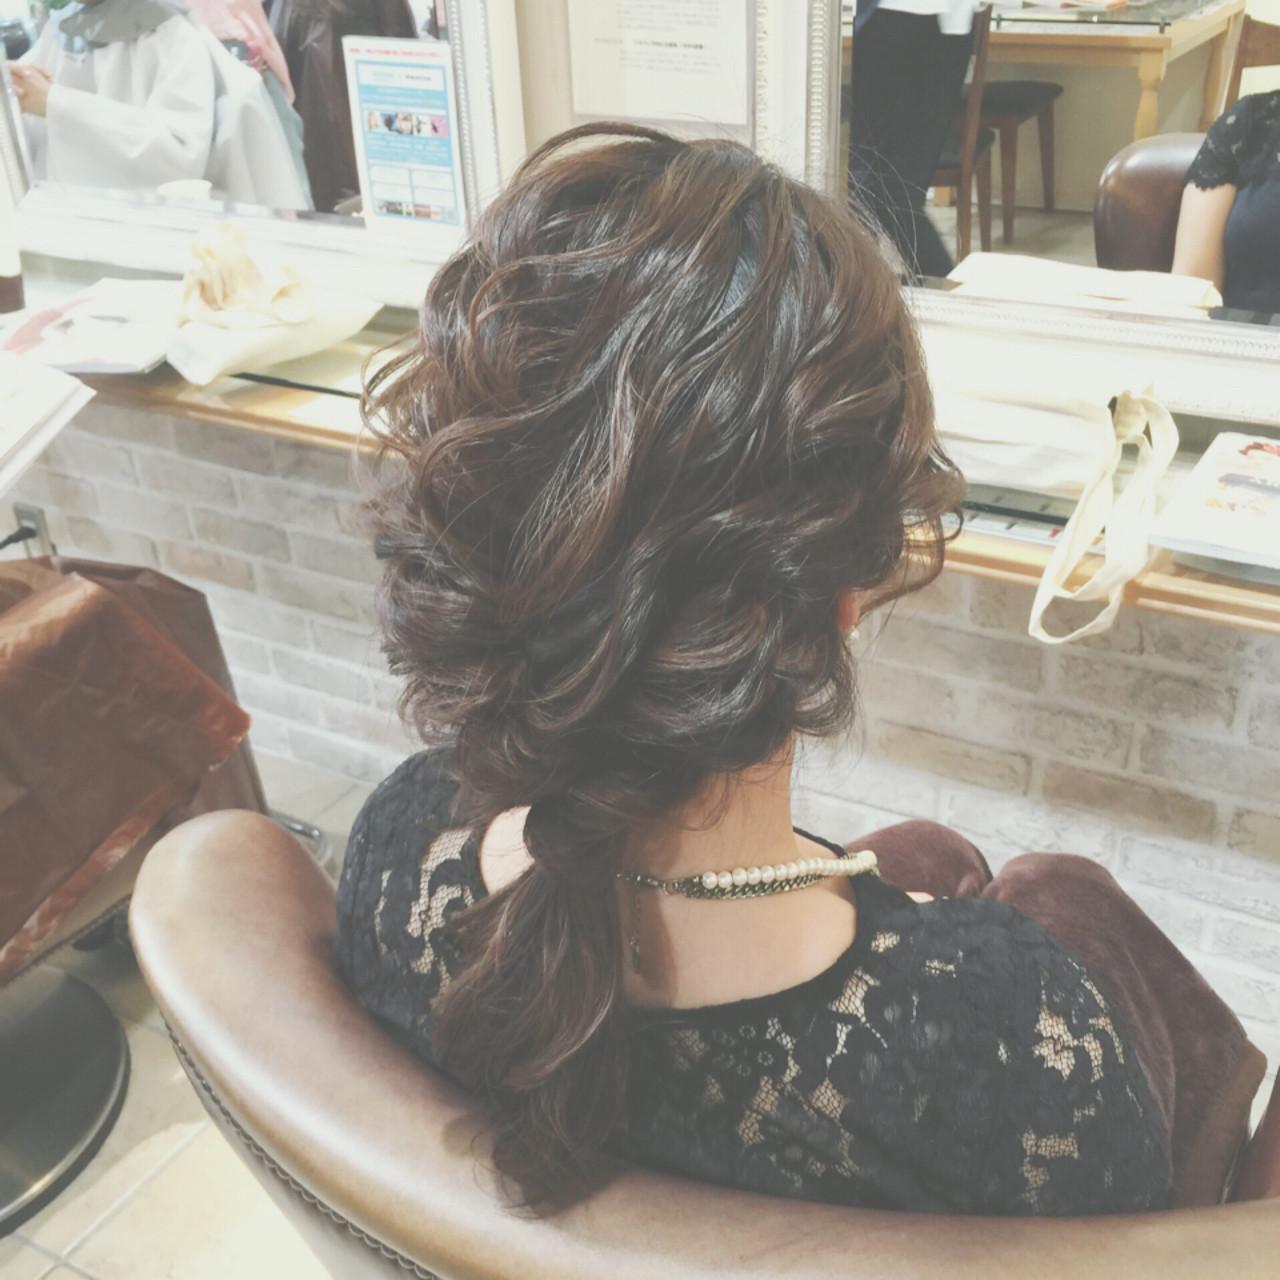 まとめ髪 ショート 編み込み ゆるふわ ヘアスタイルや髪型の写真・画像 | ヤマキタ トシキ Neolive / Neolive CiroL.